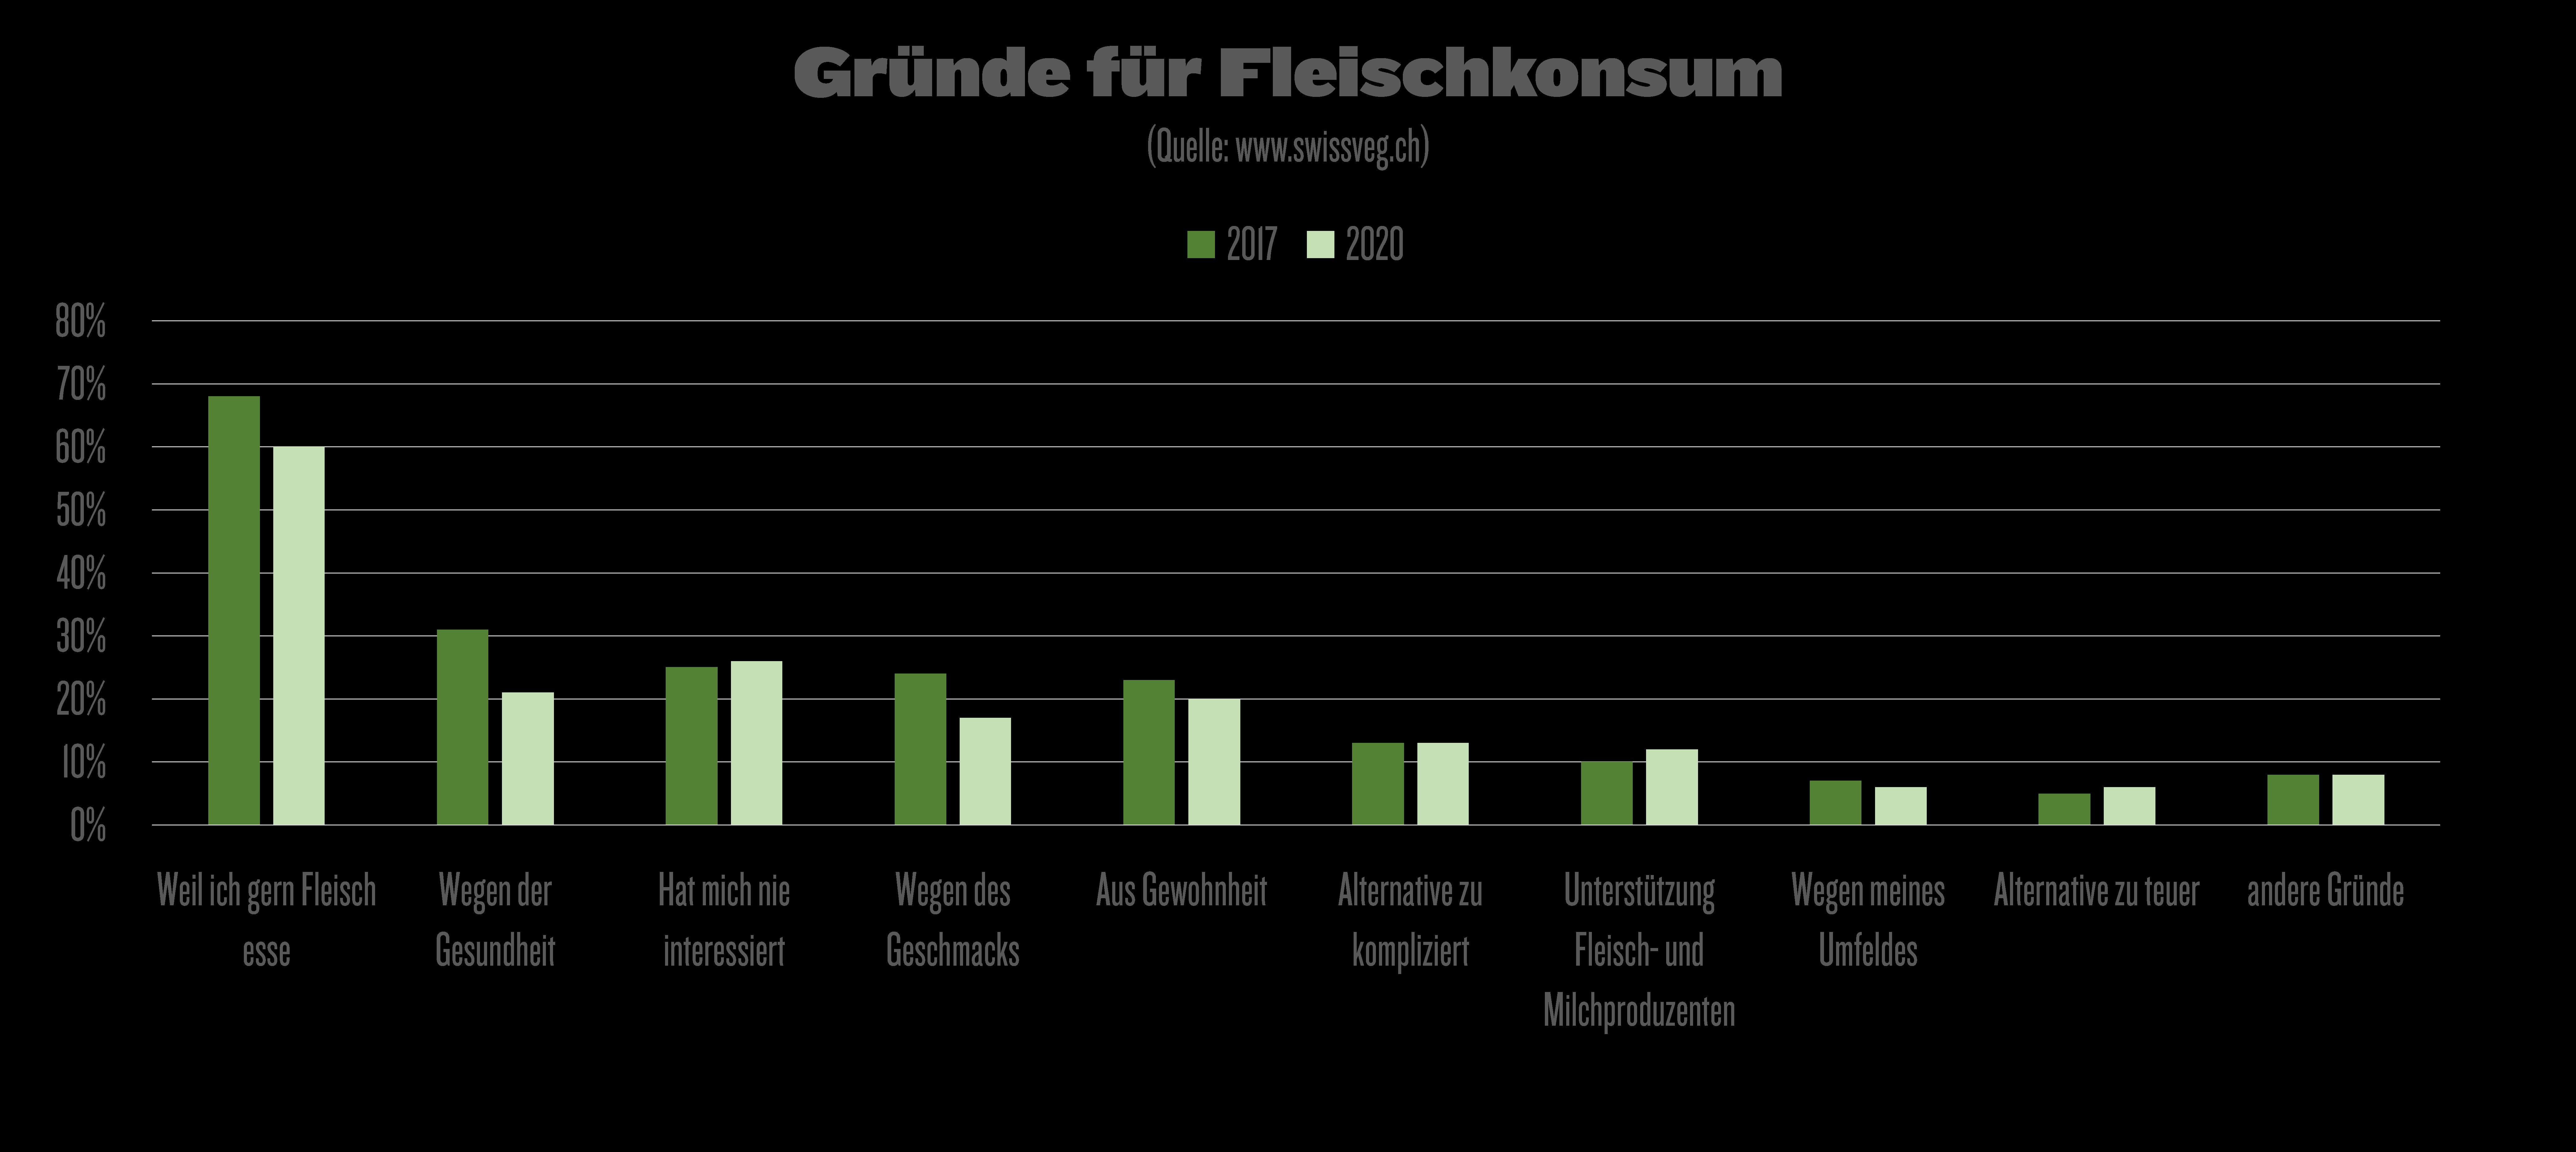 Gründe für Fleischkonsum (Quelle: swissveg.ch)